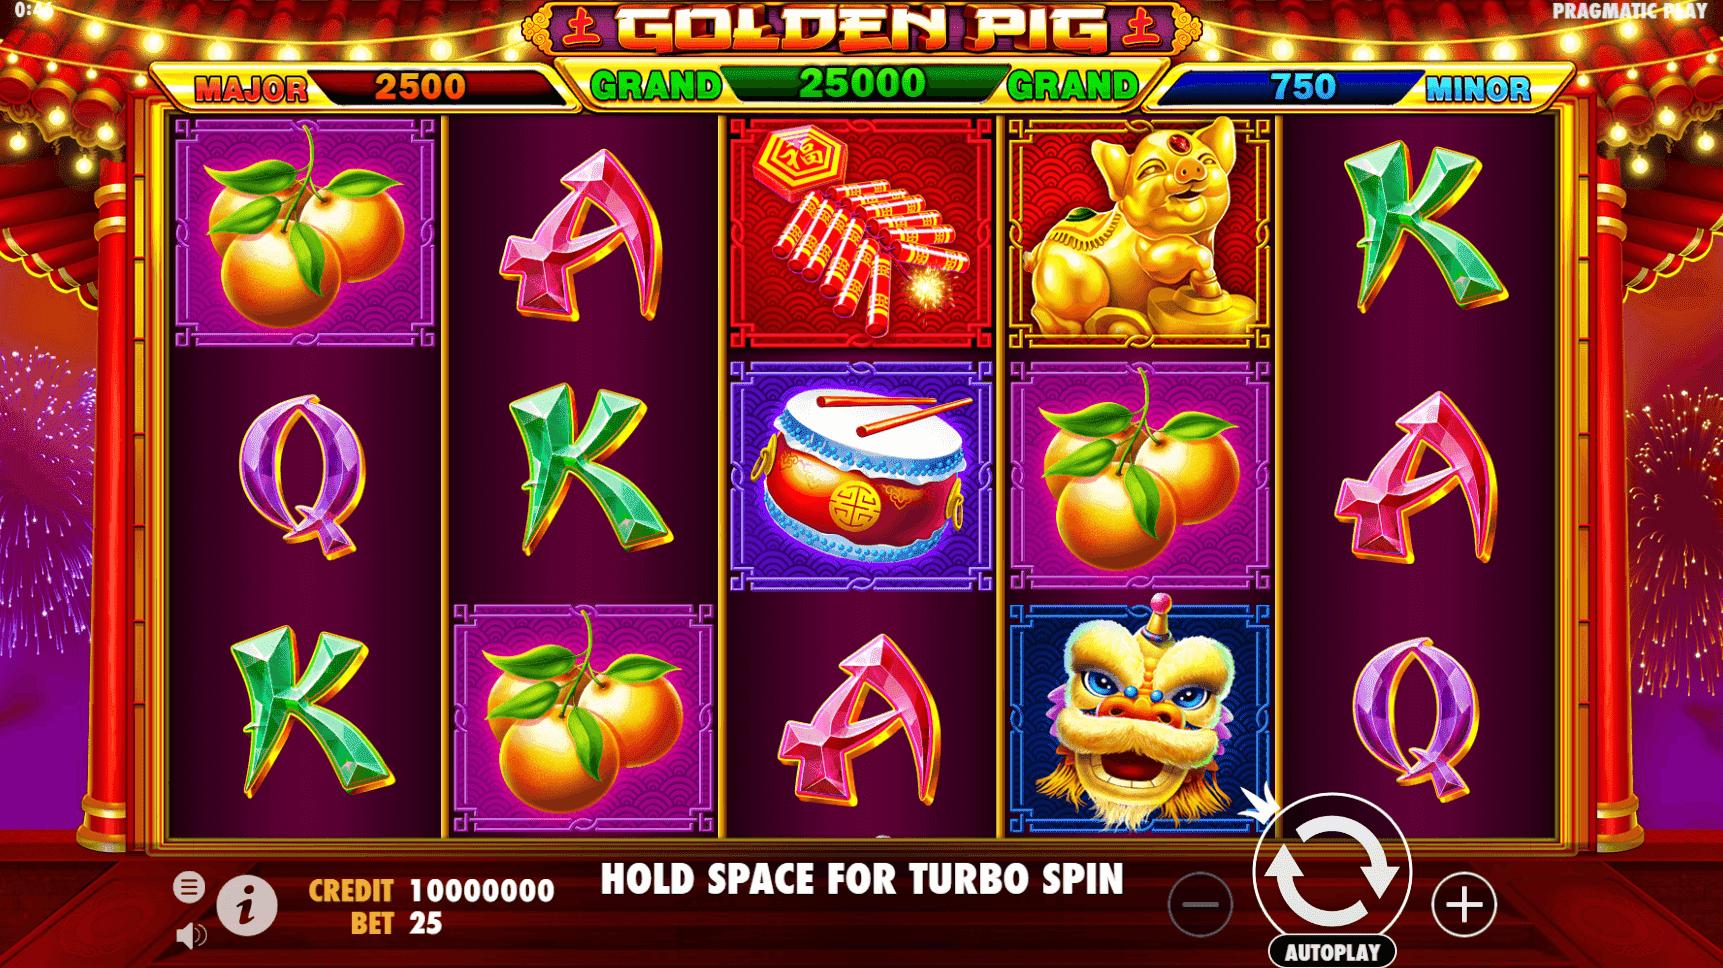 Golden Pig slot machine screenshot